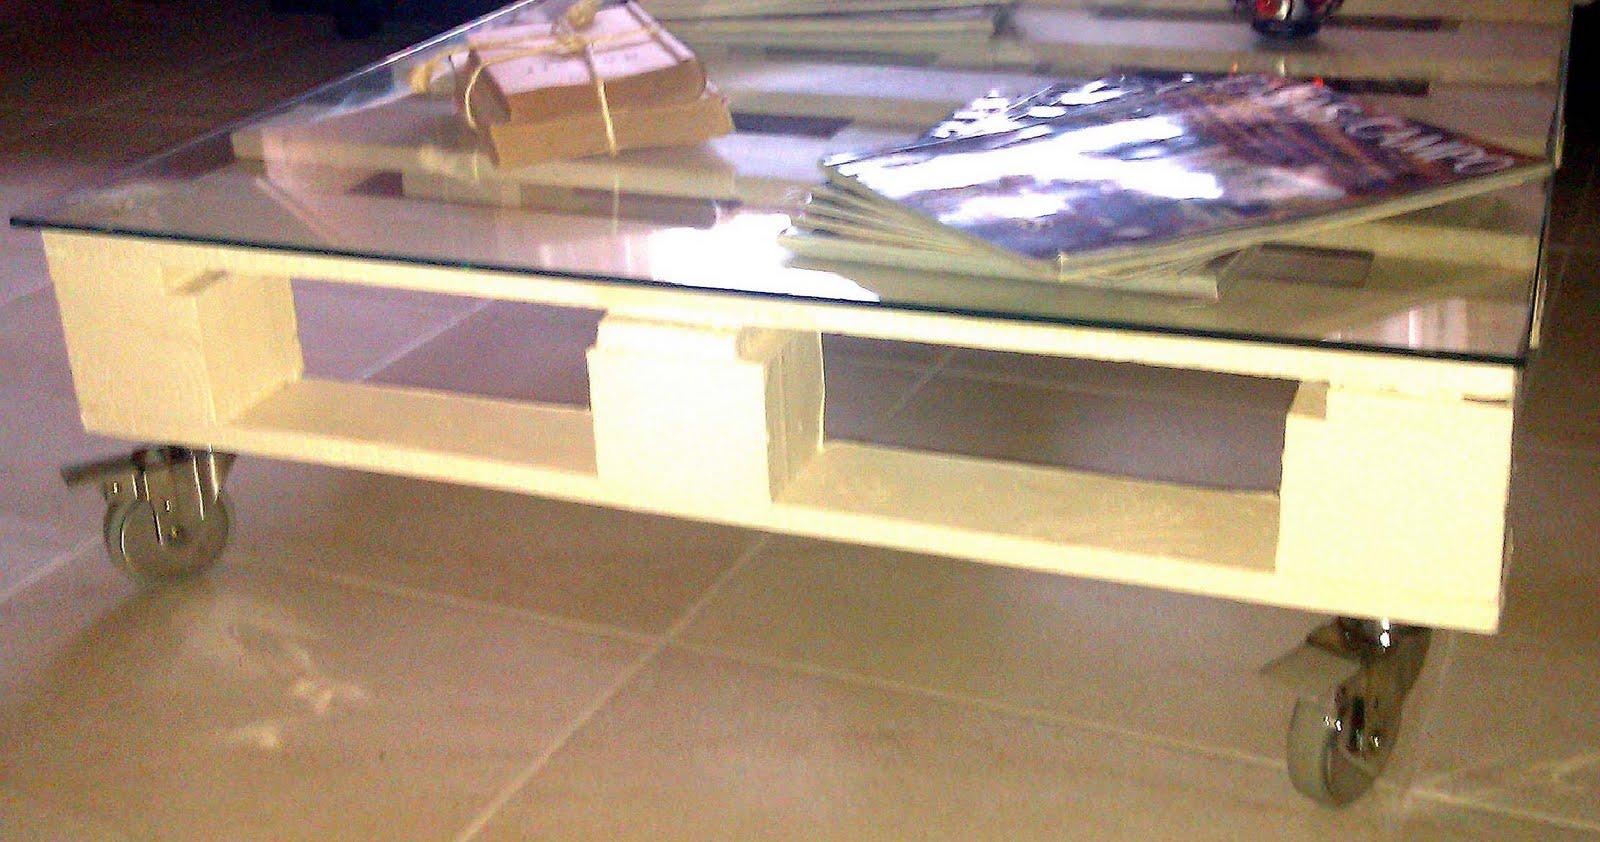 Construccion y manualidades hazlo tu mismo septiembre 2011 for Fabricacion de muebles de palets de madera